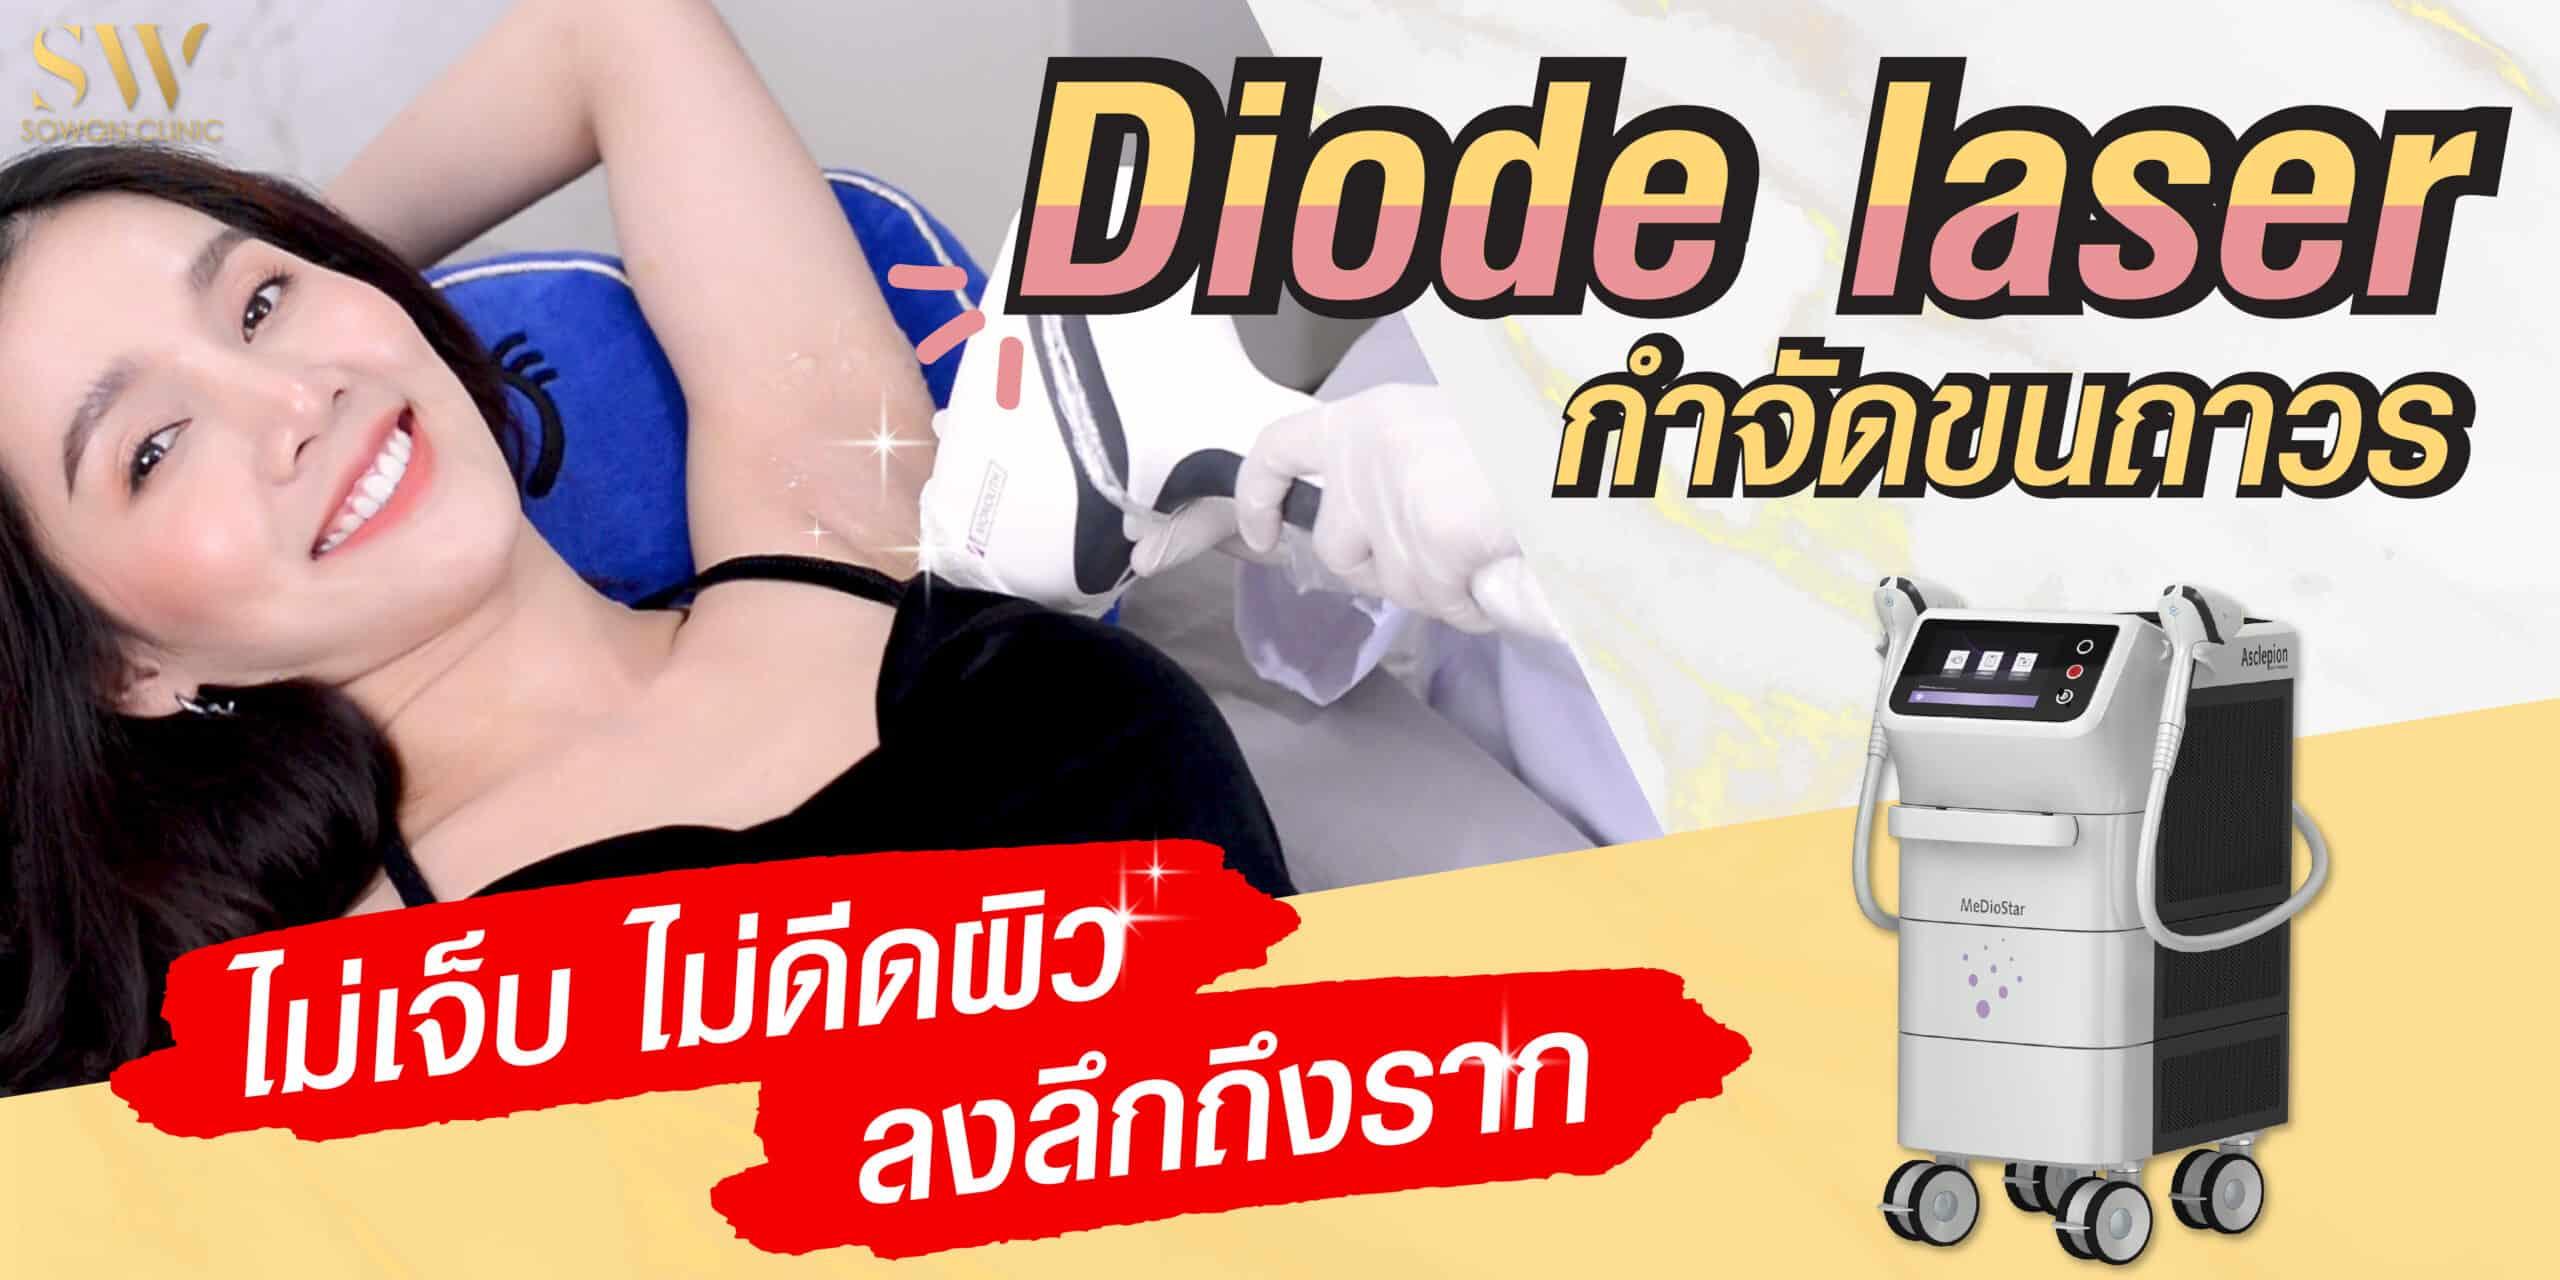 diaode Laser